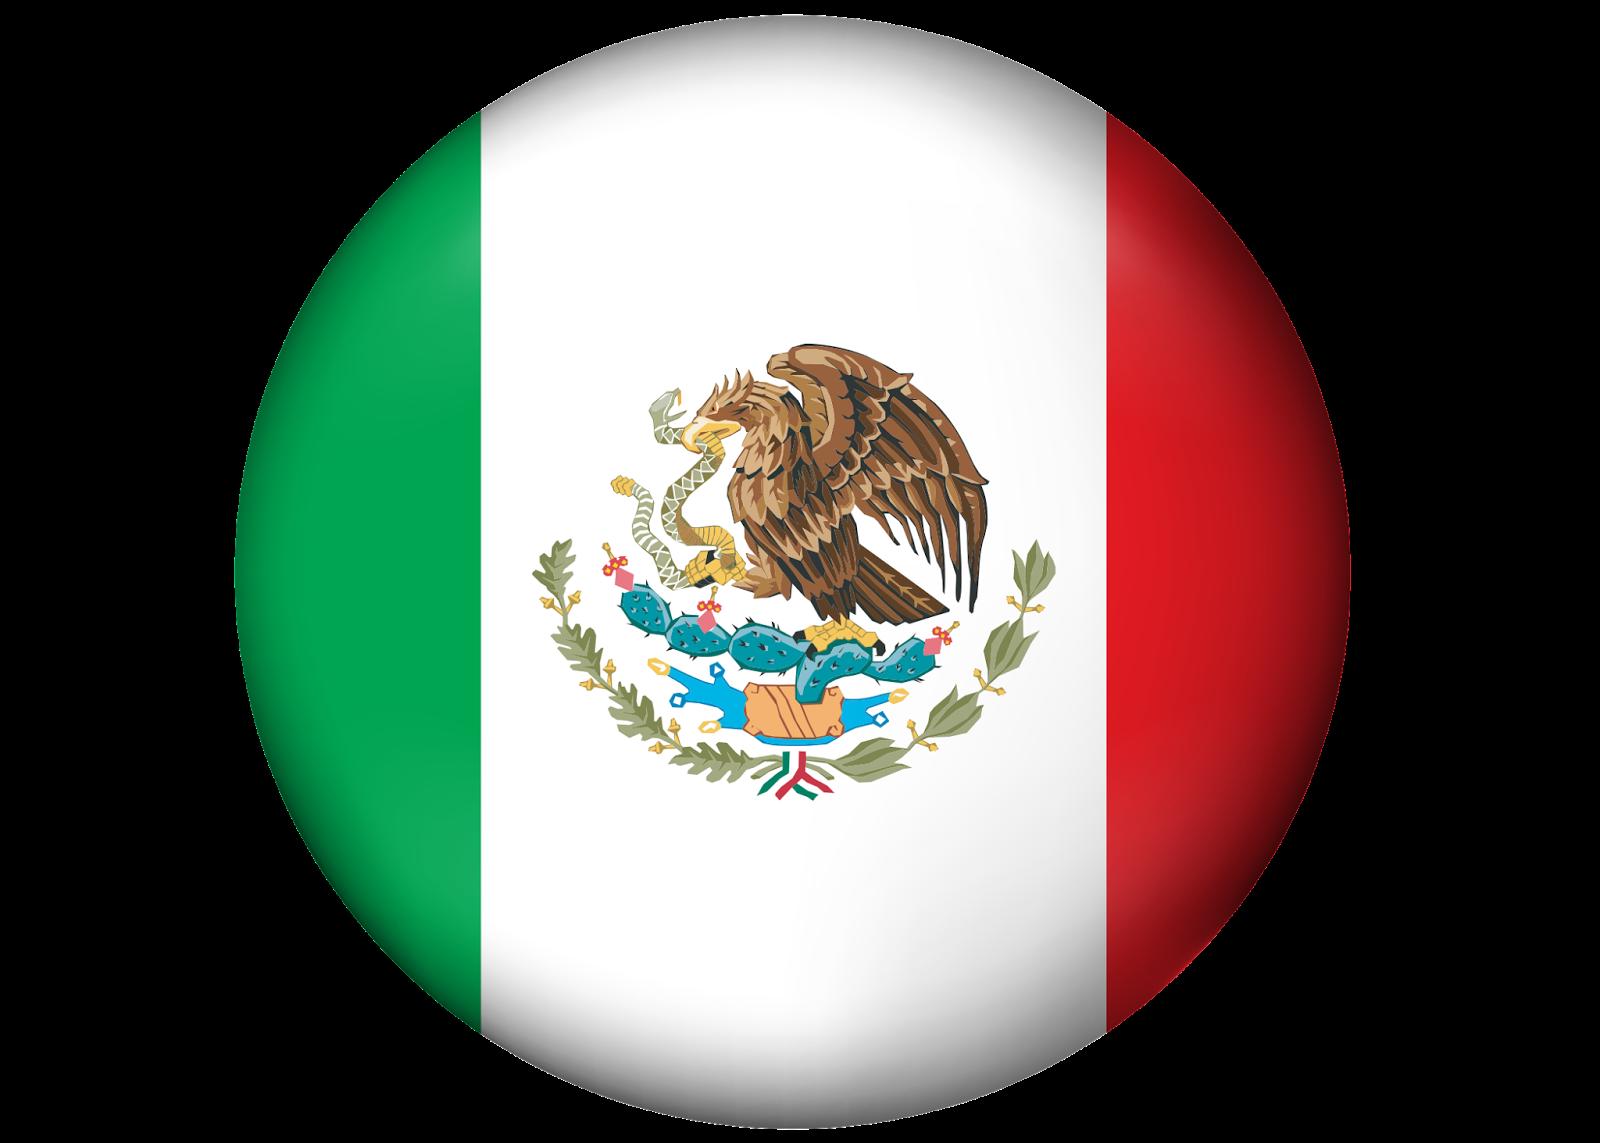 Icono Mapa Mexico Png: Cosas En PNG: Escudo De México En .png